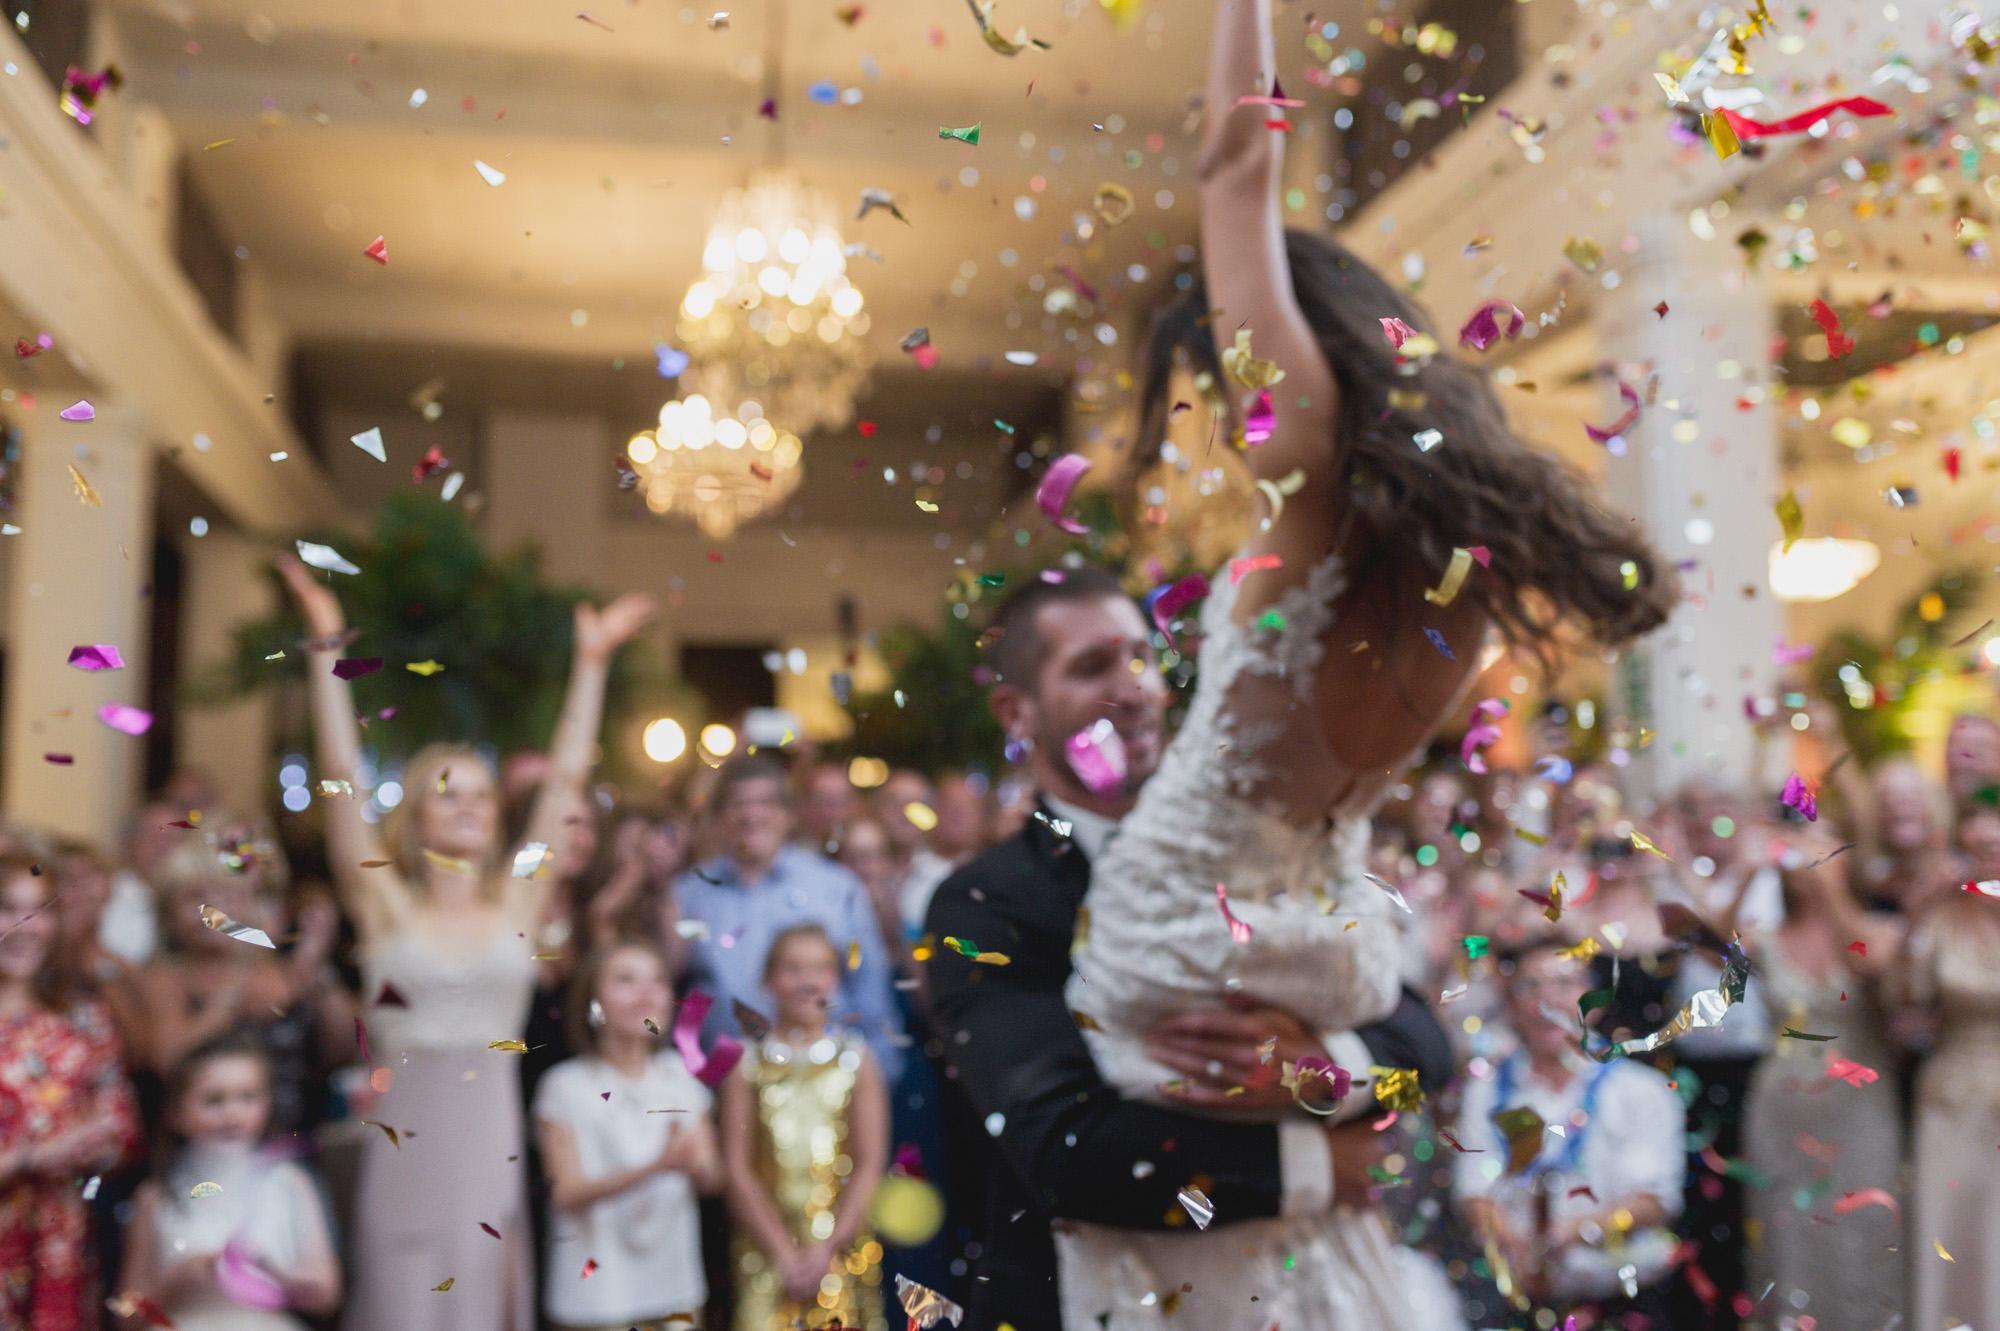 john-henry-wedding-photographer-celebration-001-15.JPG